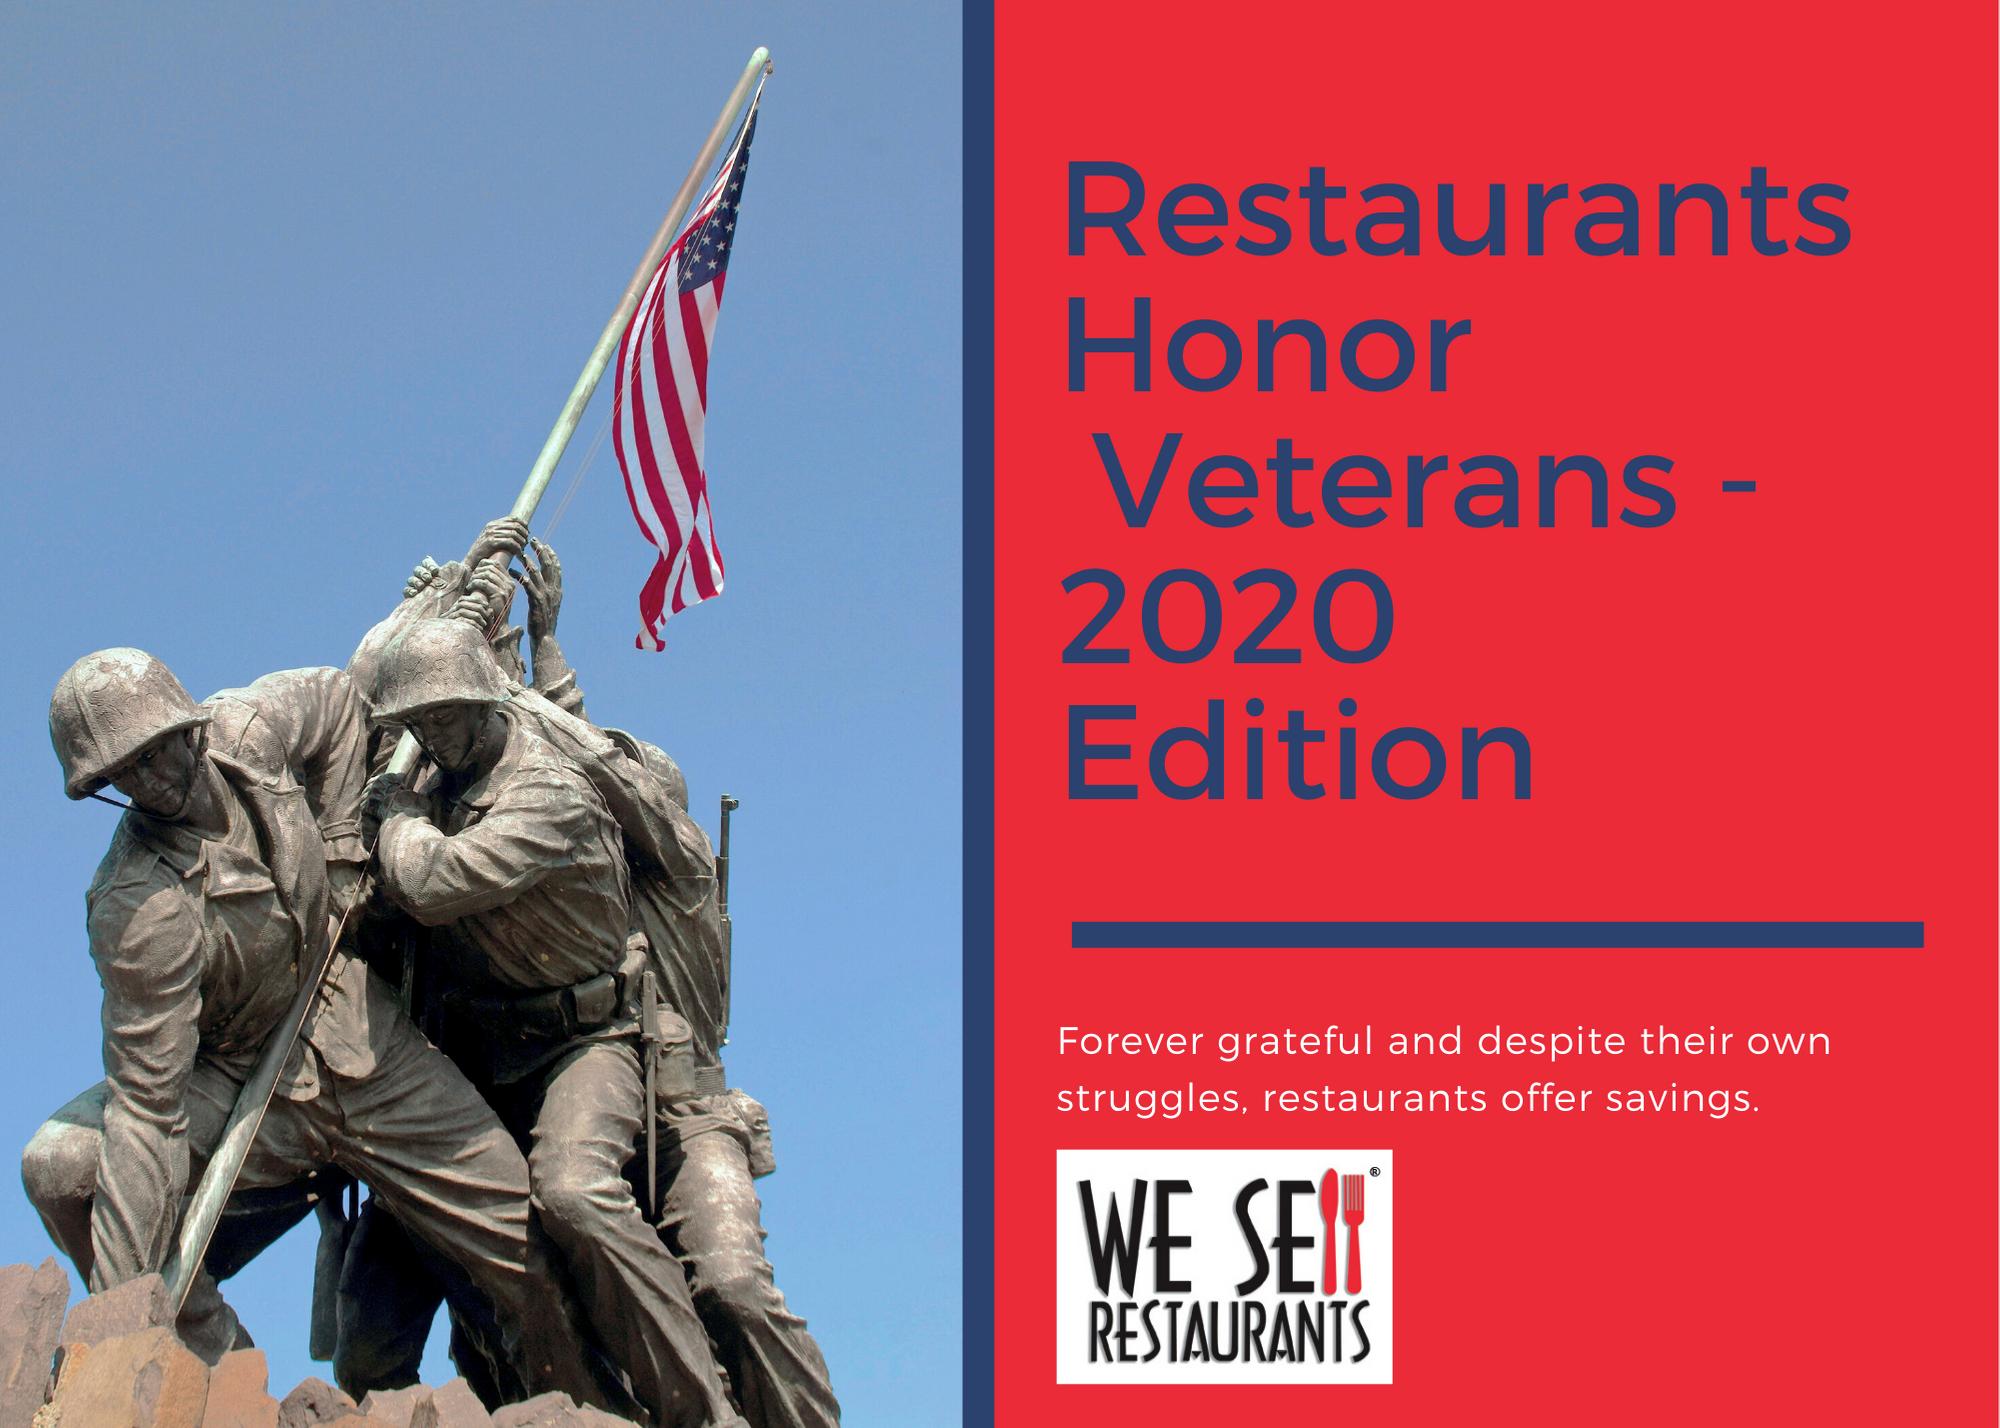 Restaurant honor Veterans 2020